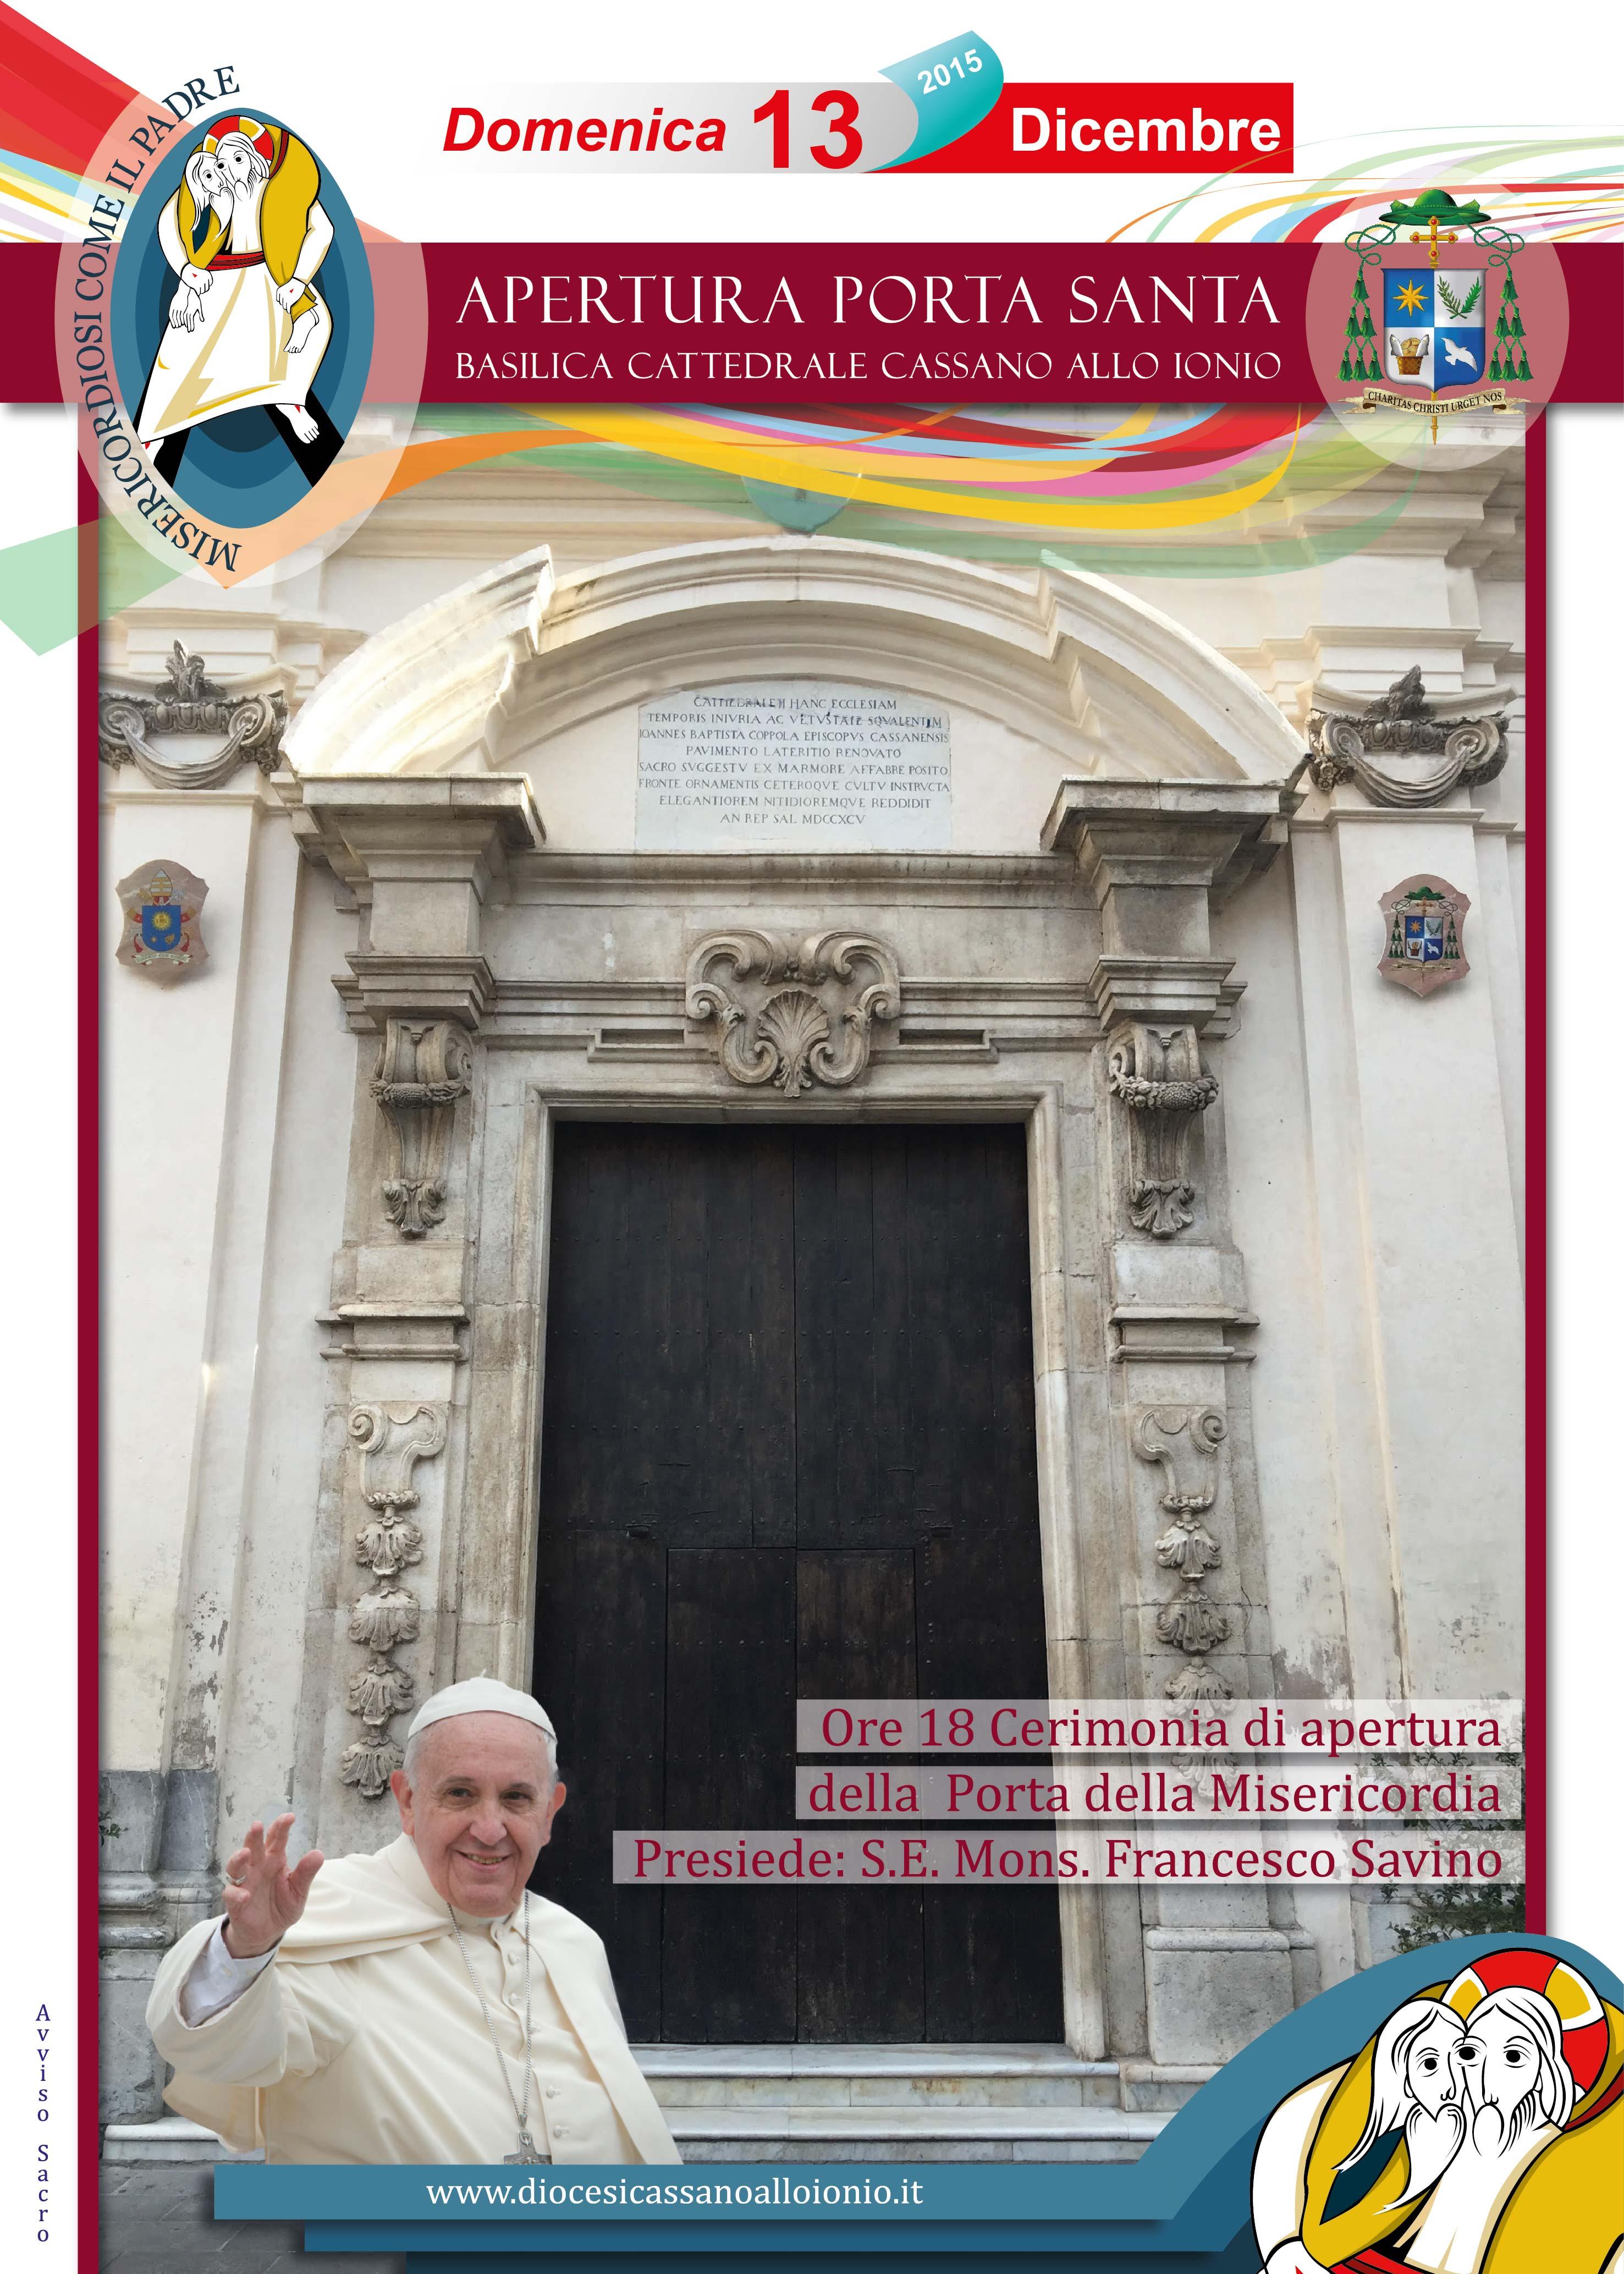 Giubileo domenica 13 dicembre apertura porta santa - Apertura porta di roma ...